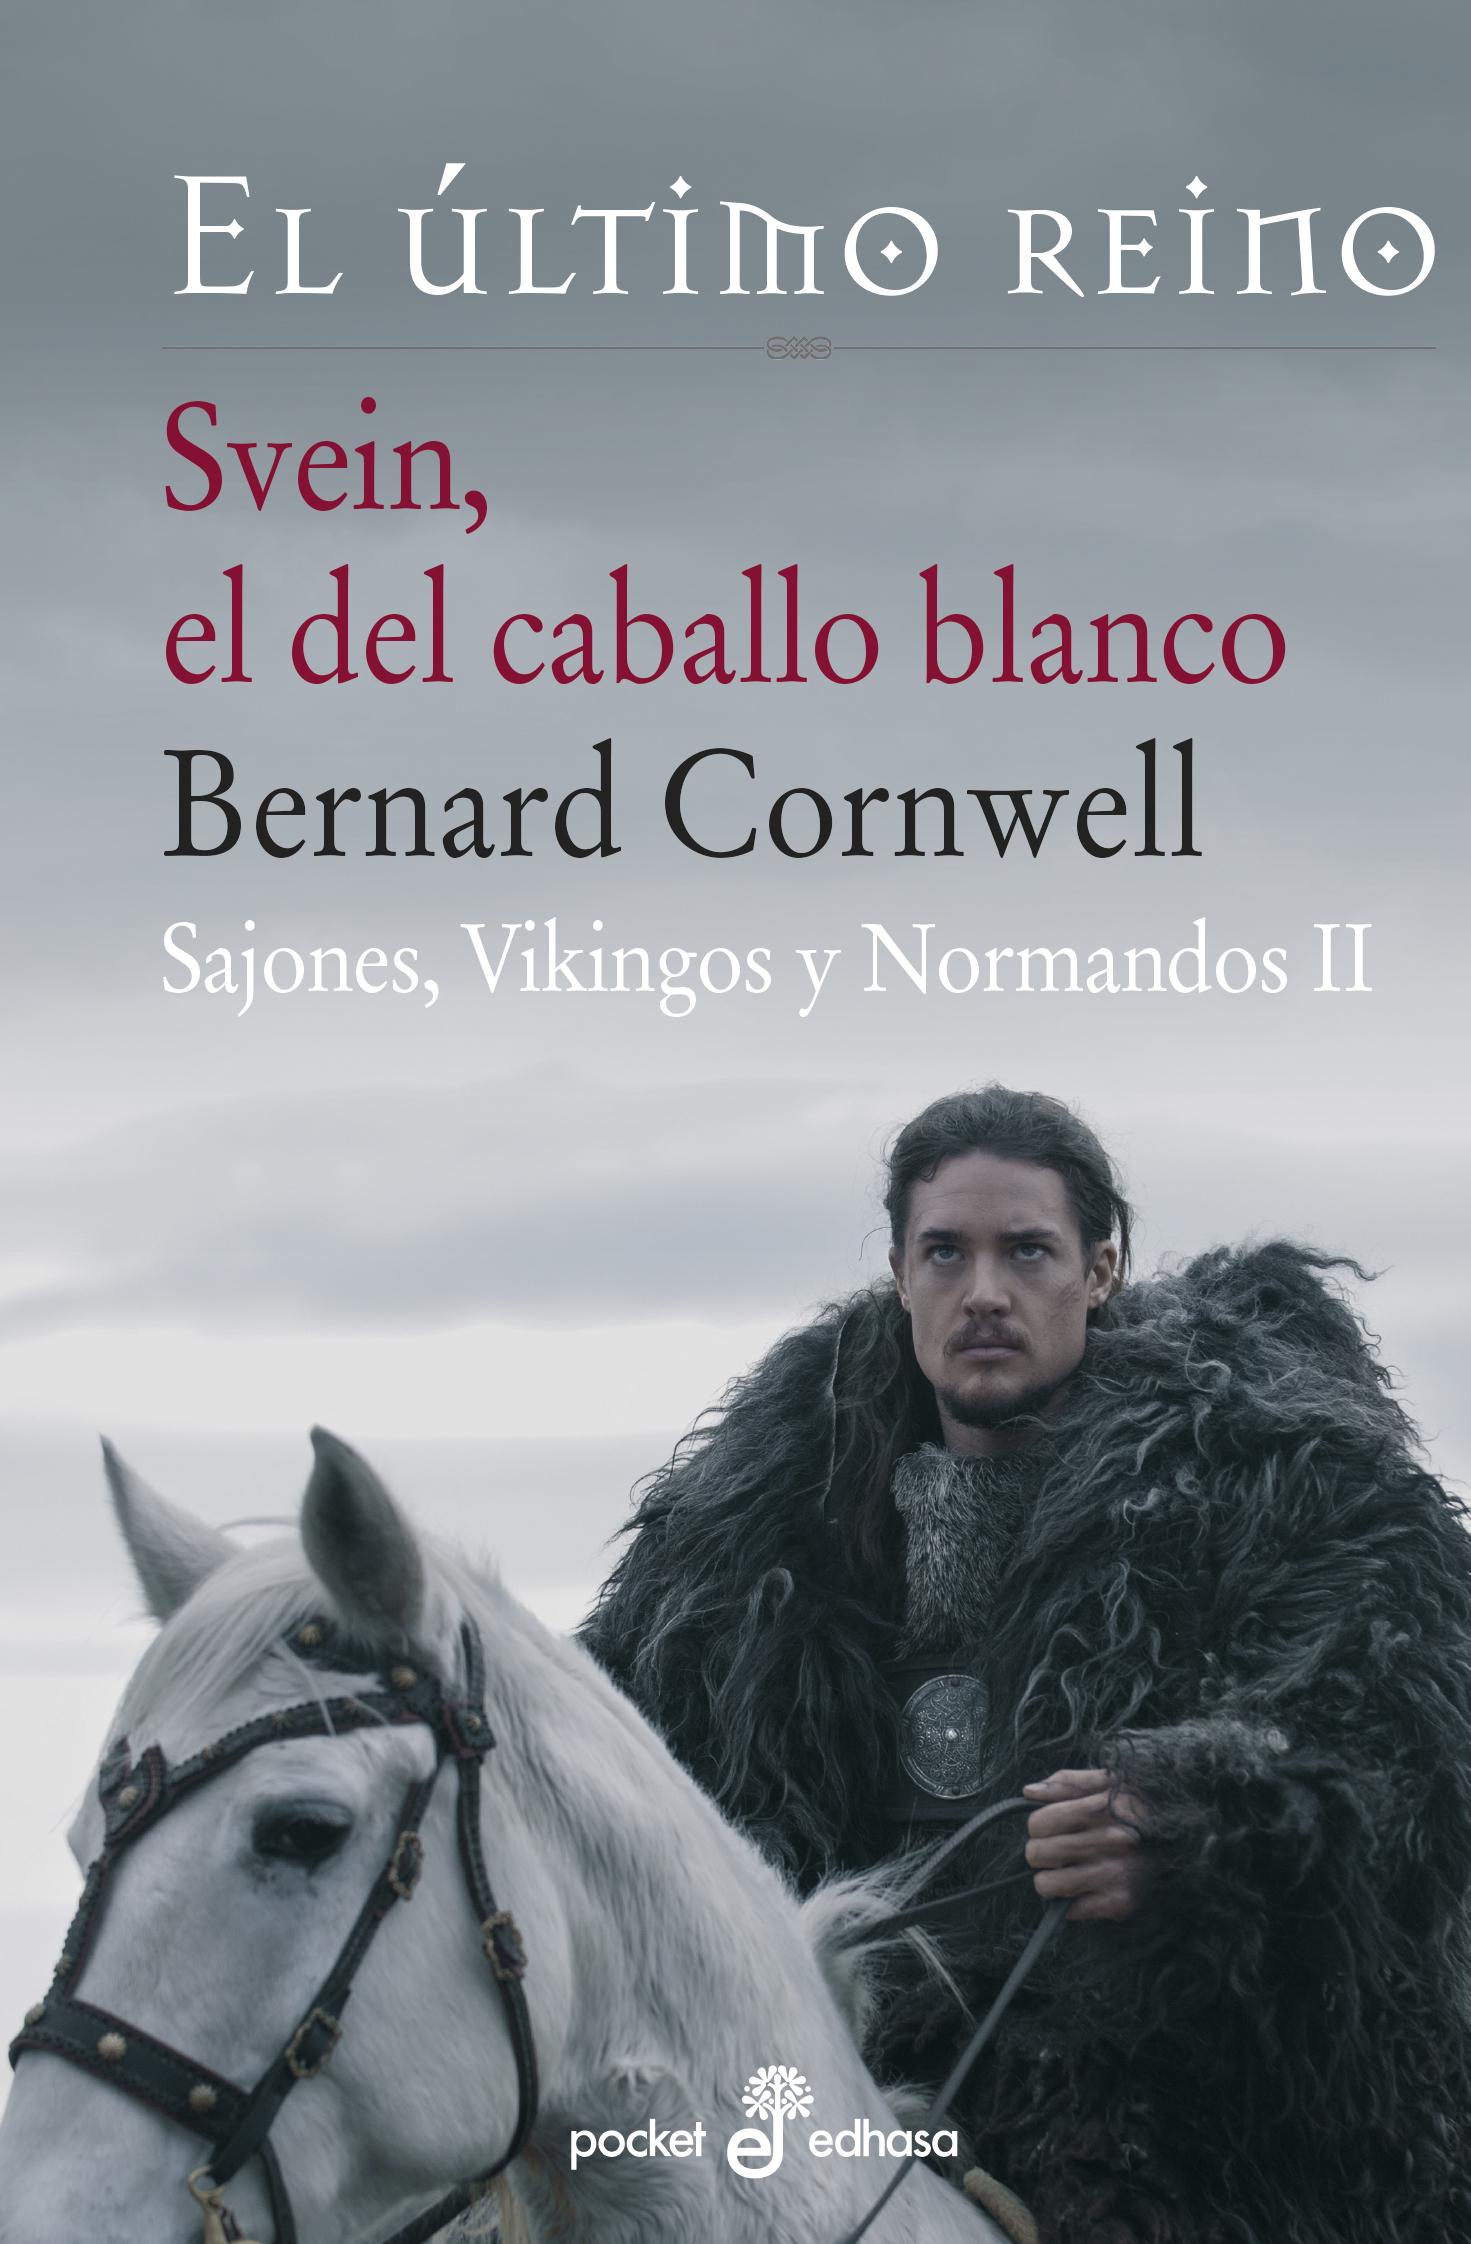 2. Svein, el del caballo blanco